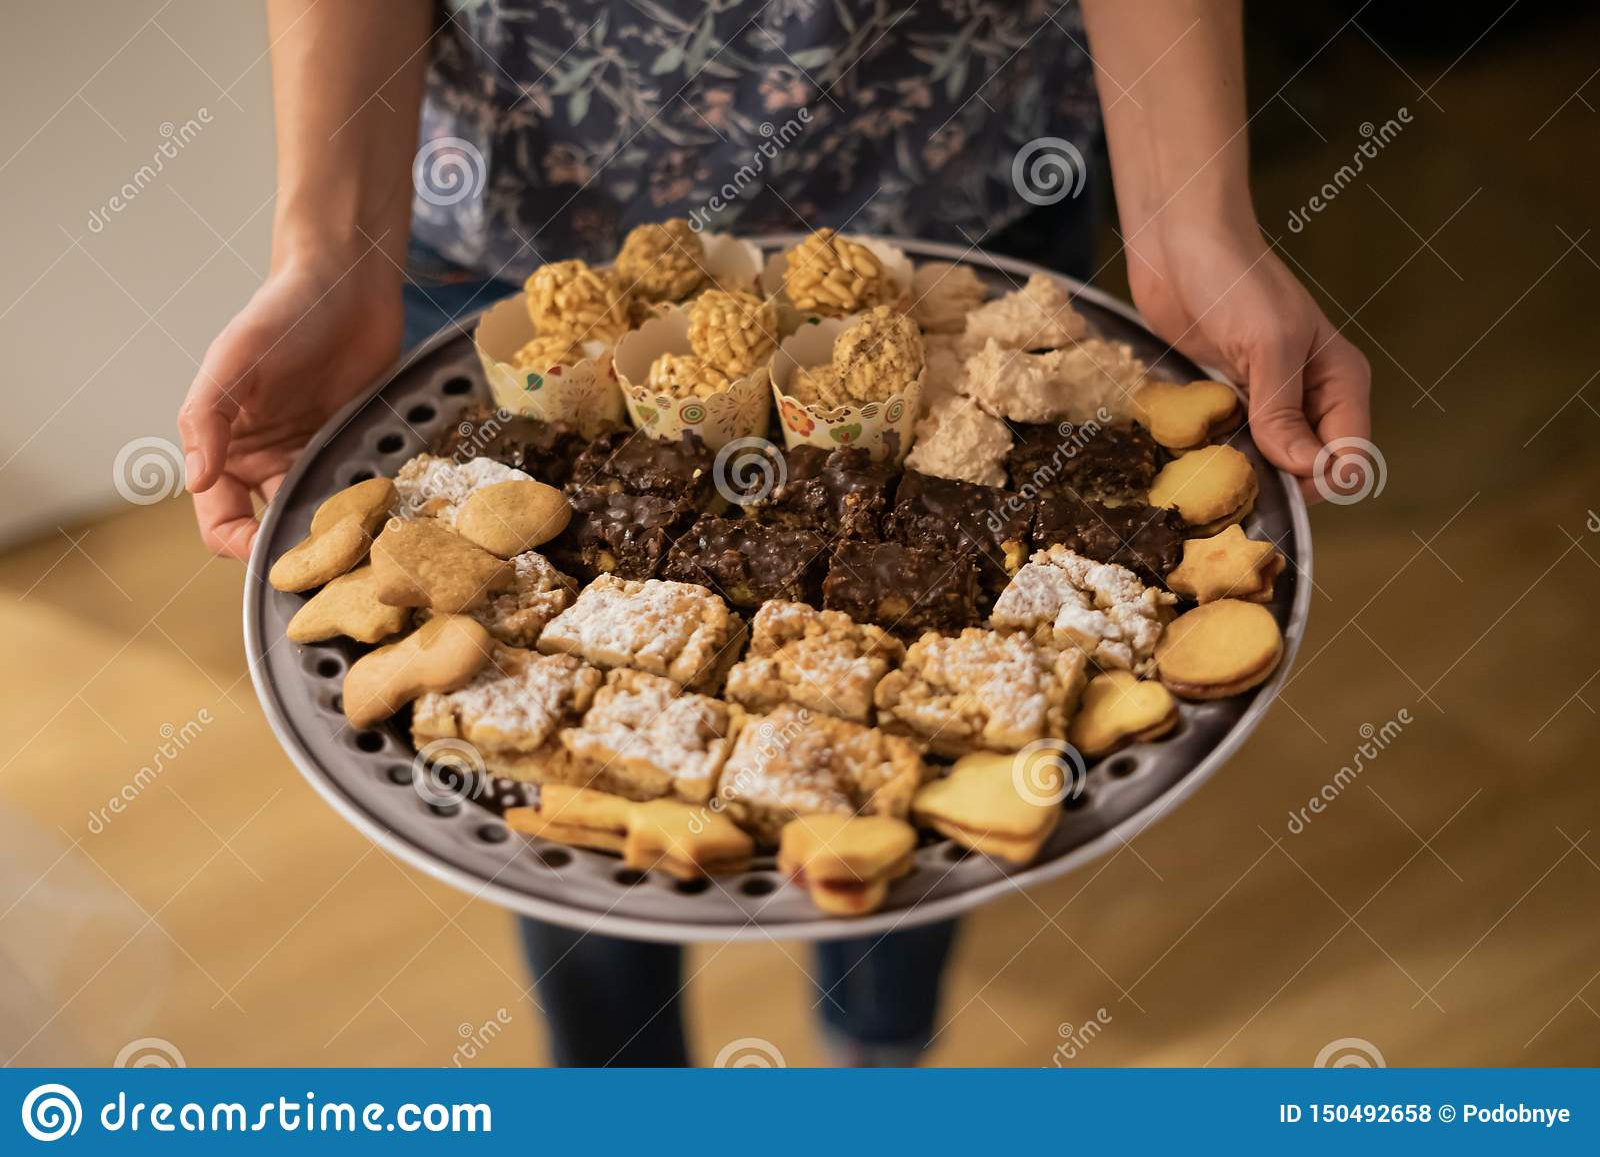 Διαφορετικά κομμάτια του κέικ και των μπισκότων στο πιάτο γευμάτων